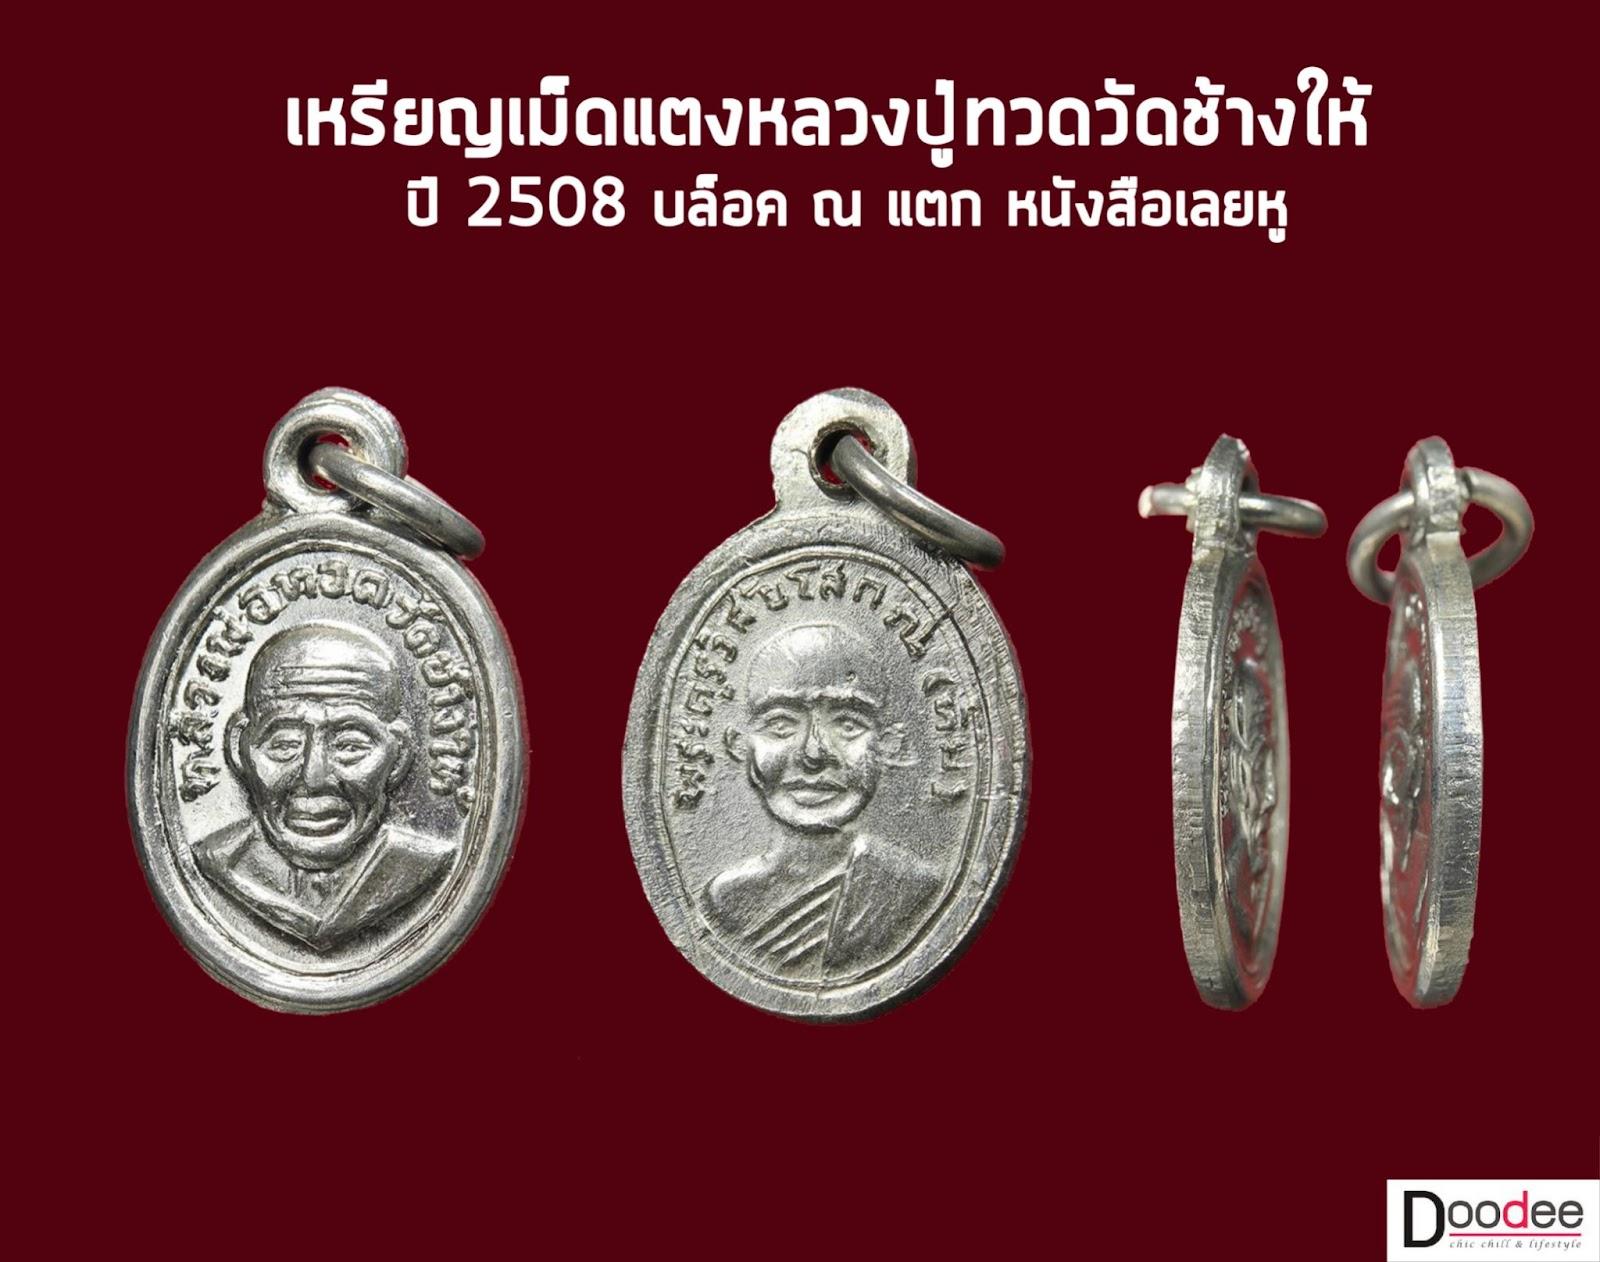 """5. เหรียญเม็ดแตง """"พิมพ์ ณ.แตกหนังสือเลยหู"""" หลวงปู่ทวด วัดช้างไห้ ปี 2506"""